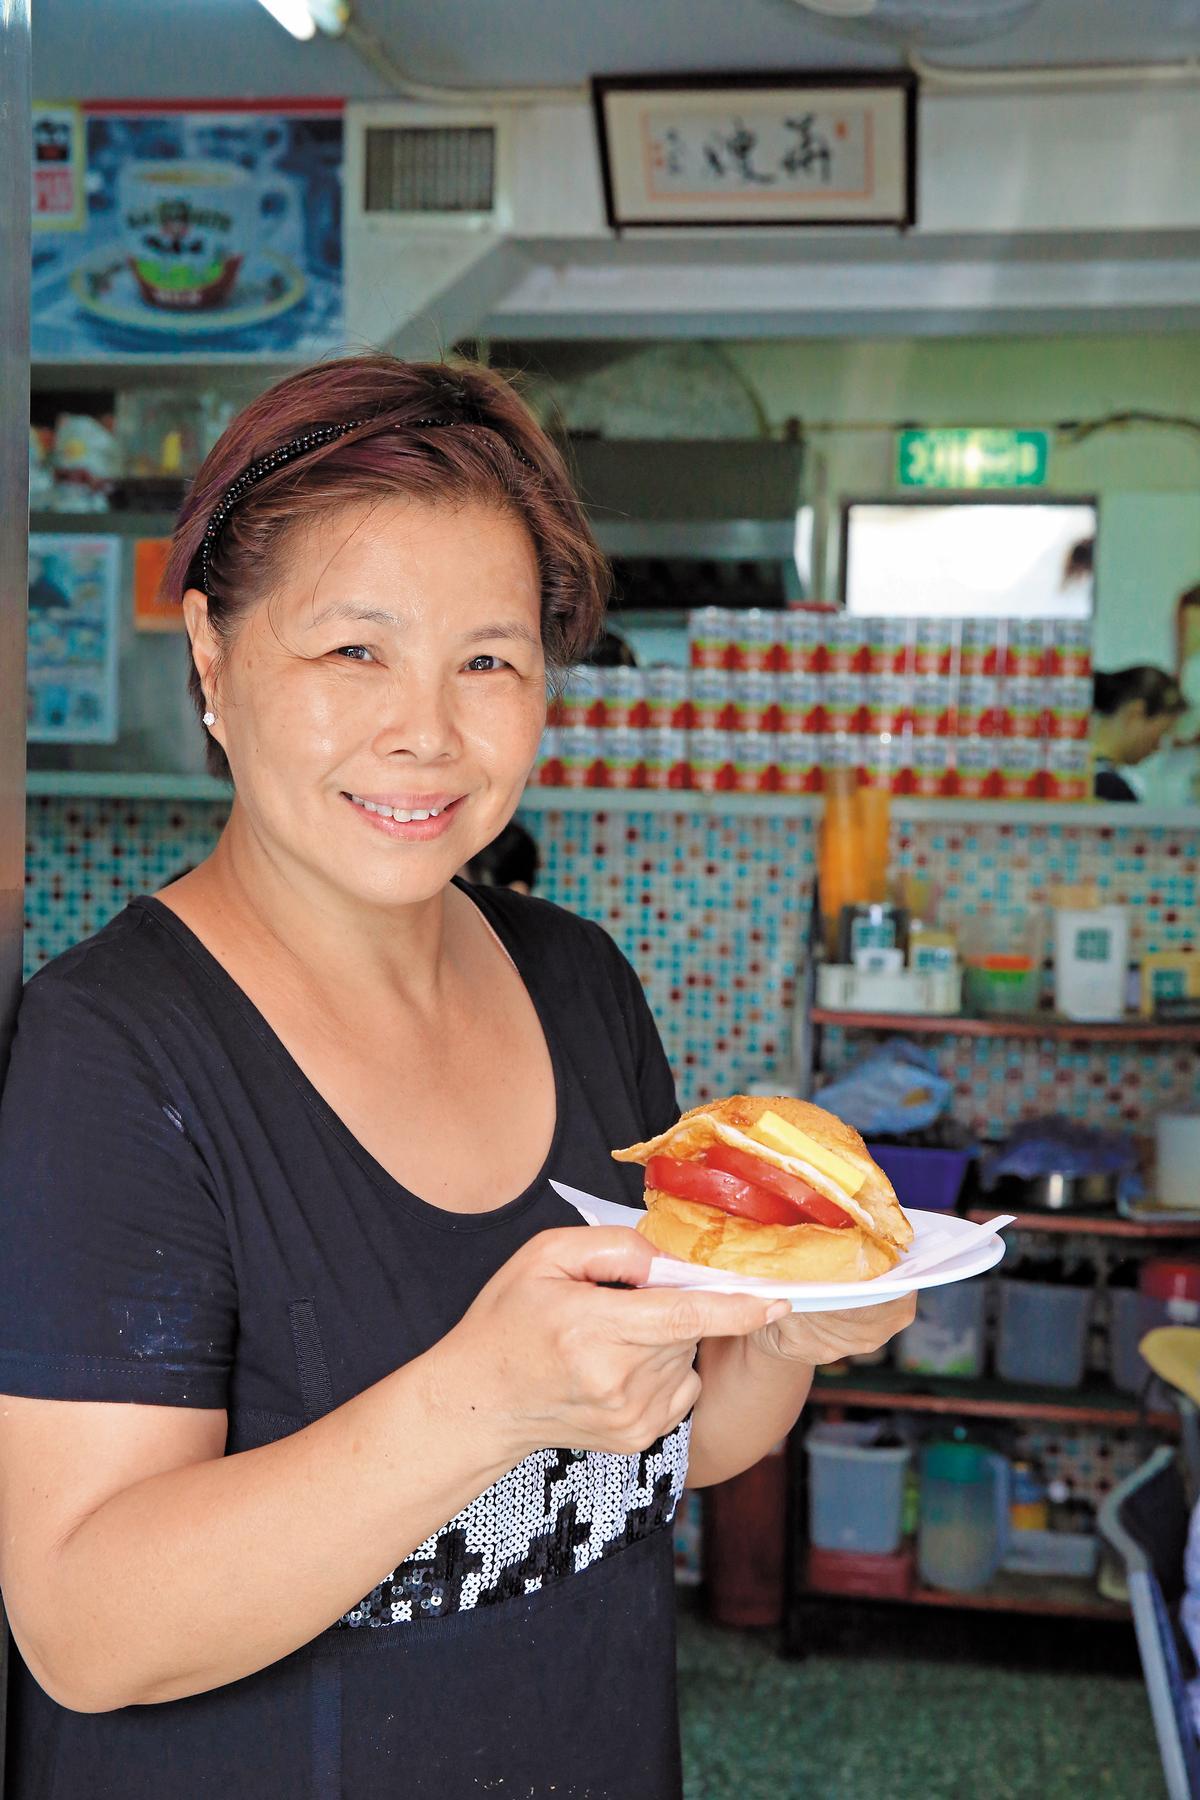 華嫂自稱傳統圍村婦女,兒子要開分店,她堅持為品質把關,絕不冒進,因此名氣雖大,分店卻不多。